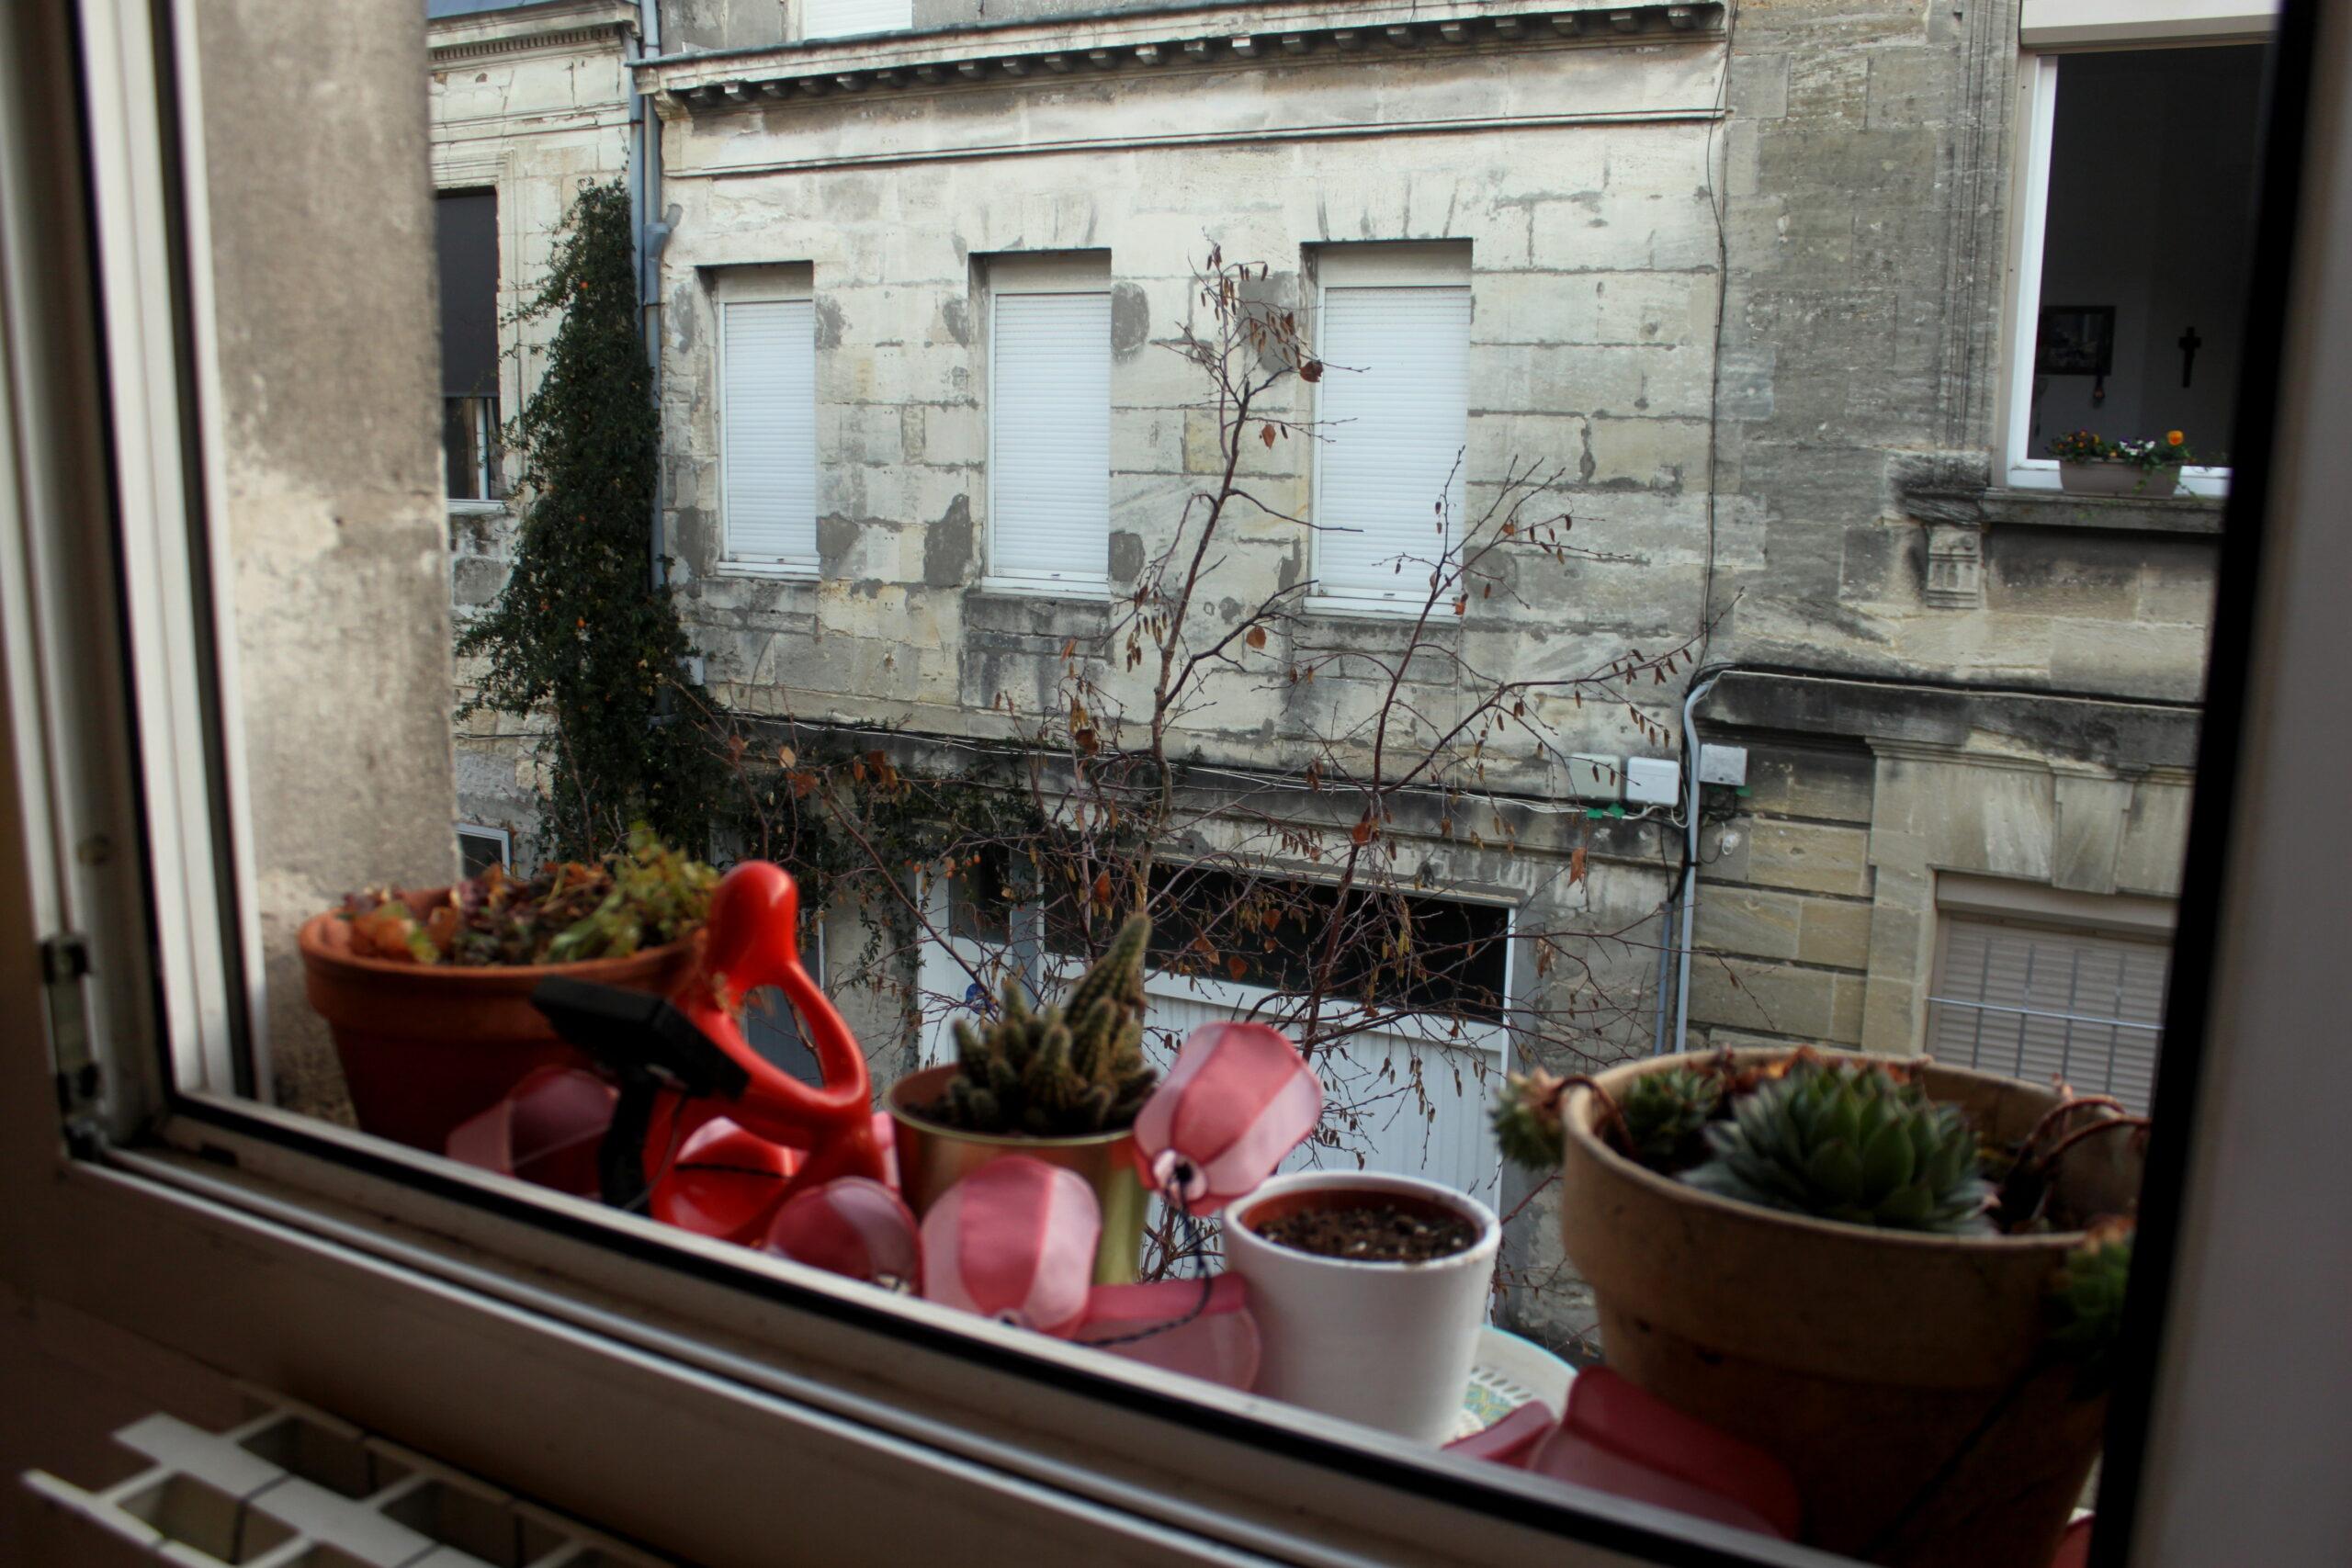 Une vue de l'extérieur de l'appartement. Il y a des plantes et des lumières sur le bord de la fenêtre. En face il y a un autre bâtiment. On peut voir dans une pièce des voisin·es.